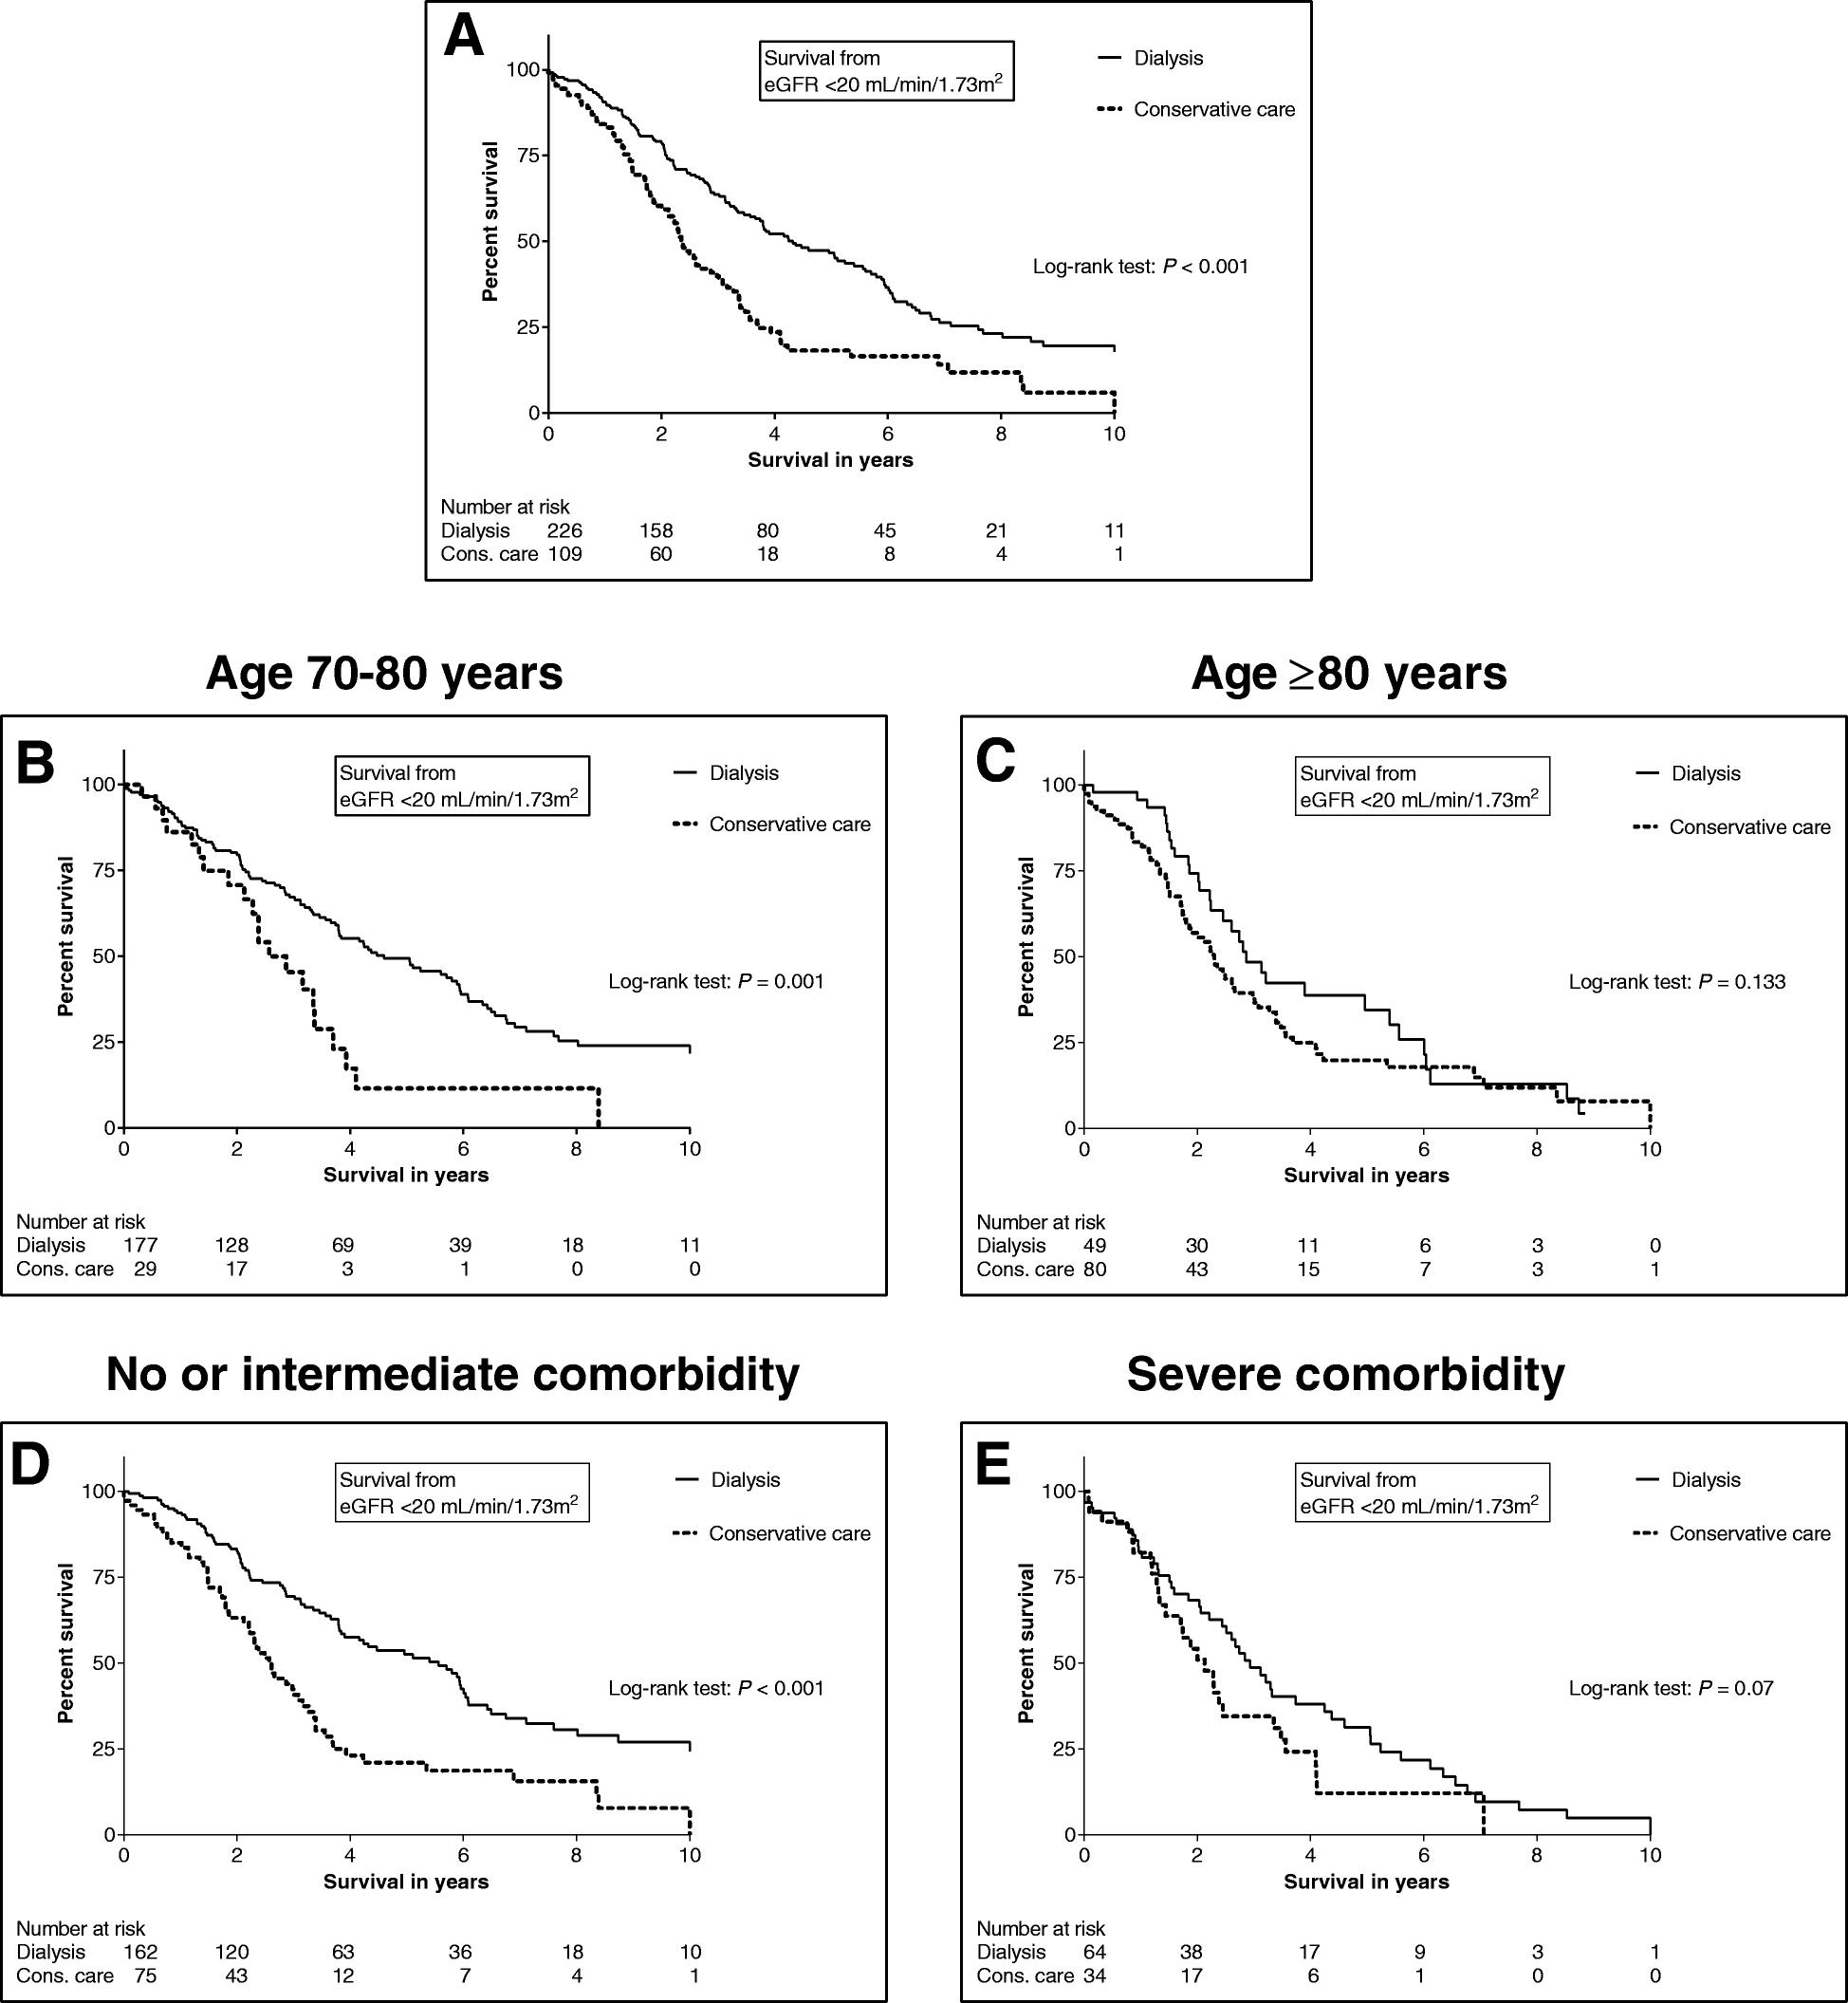 Value Based Evaluation Of Dialysis Versus Conservative Care In Older Png 11kb 26987d1392783649detachedgaragenopowergaragewiringpng Fig 2